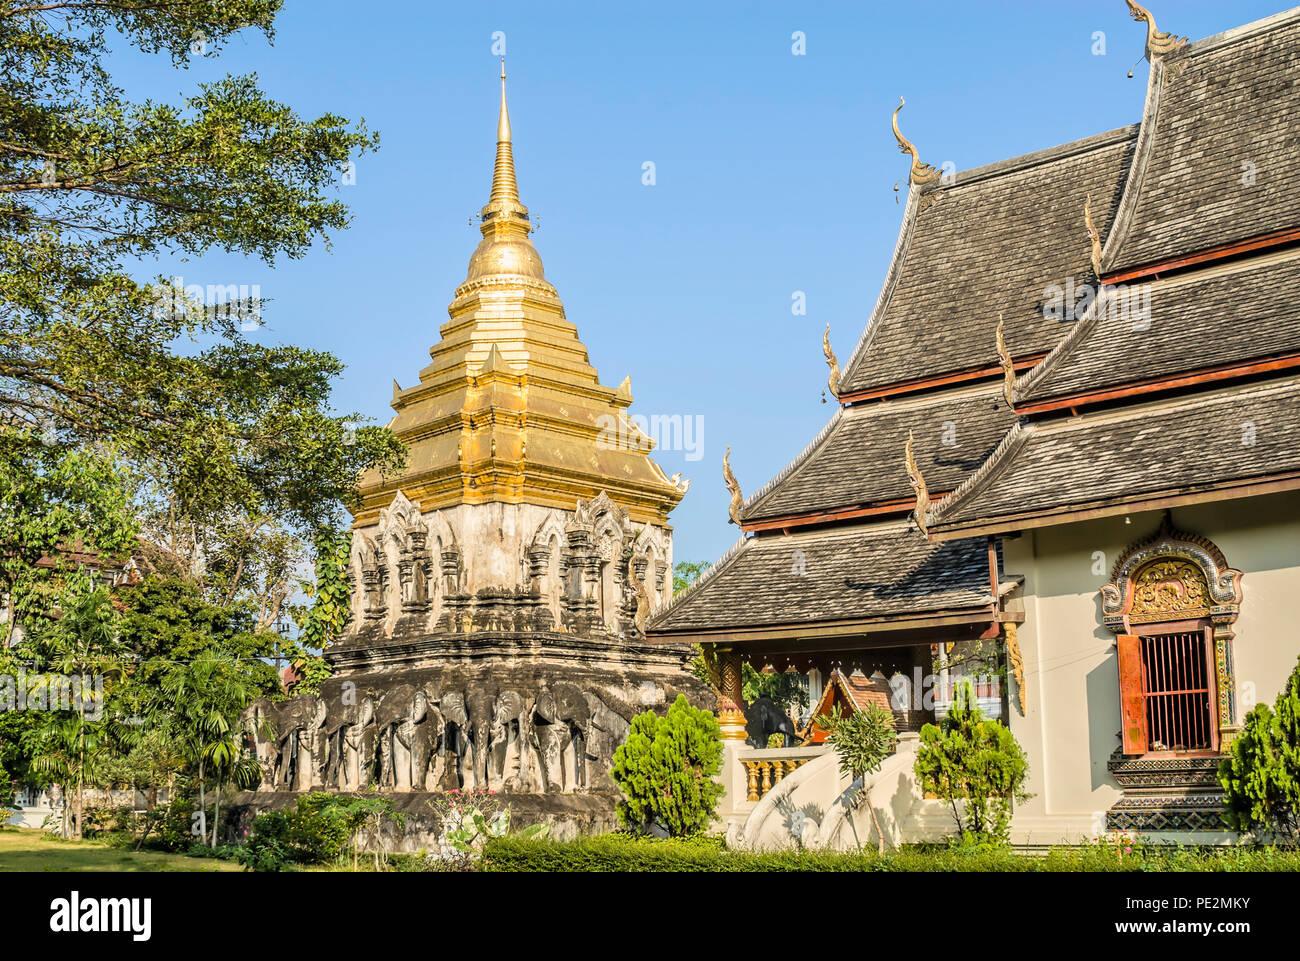 Wat Chiang Man, Chiang Mai, Thailand - Stock Image